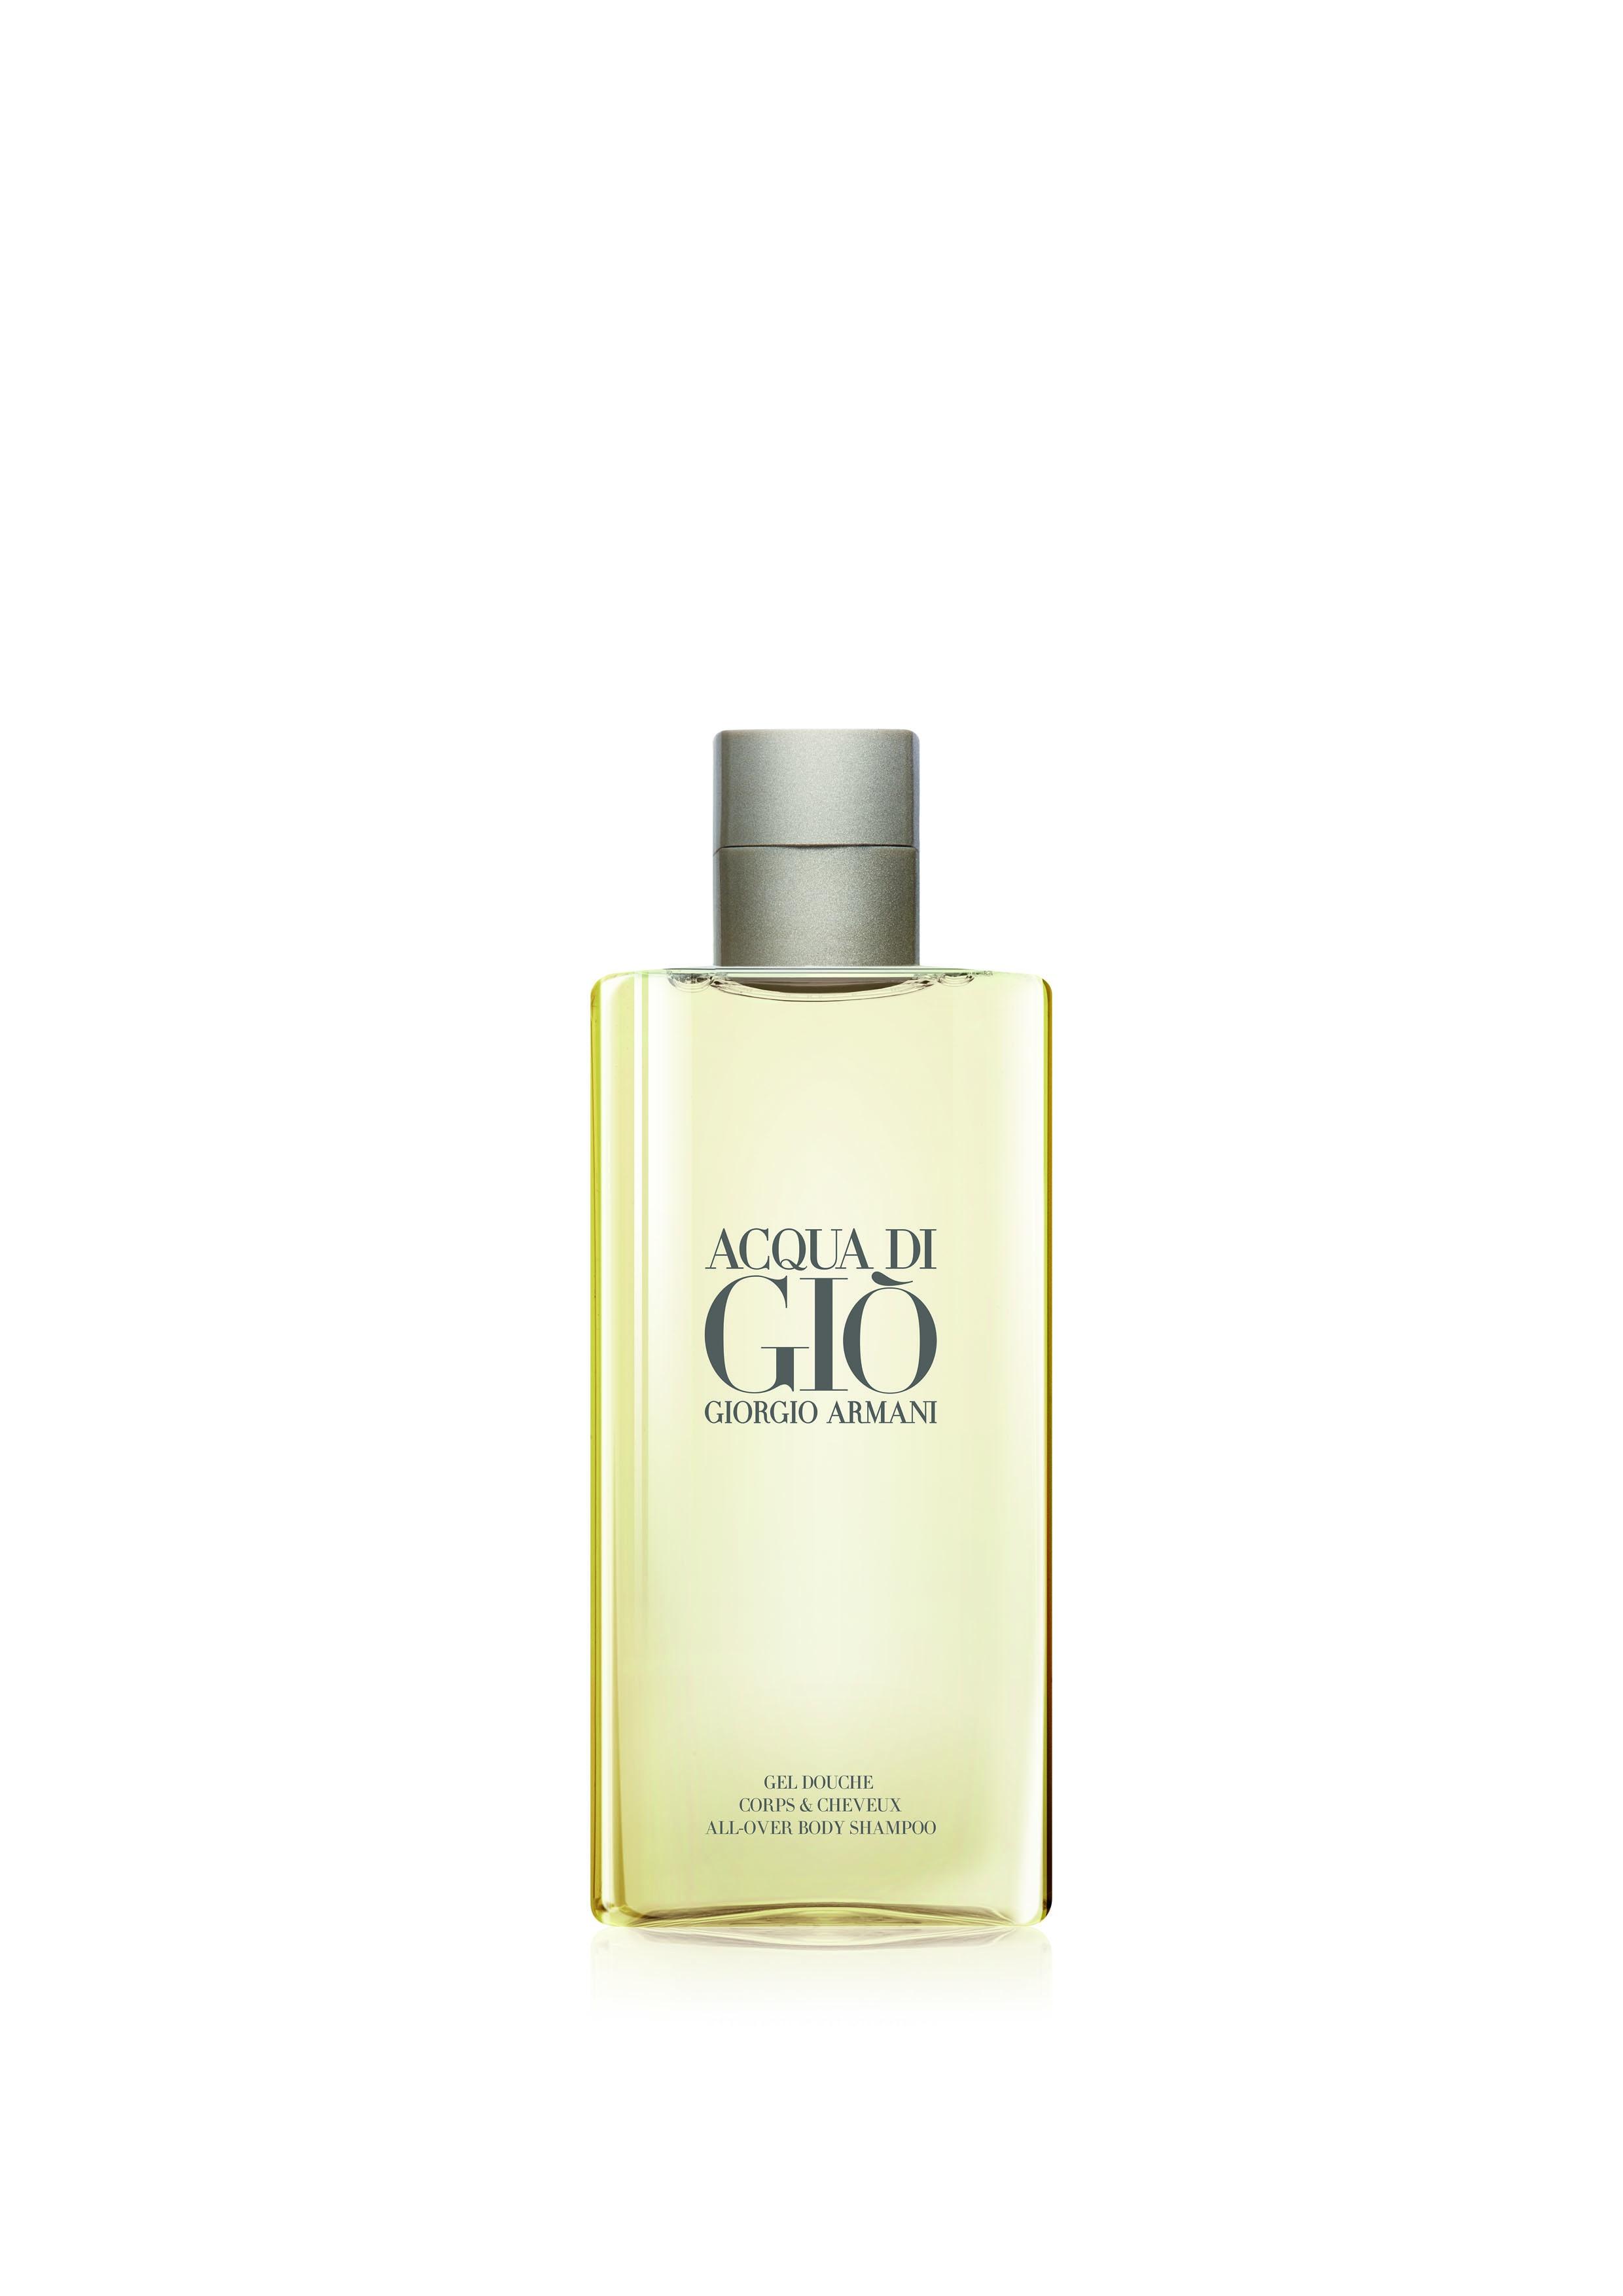 Giorgio Armani Acqua Di Giò All-Over Body Shampoo, 200 ml